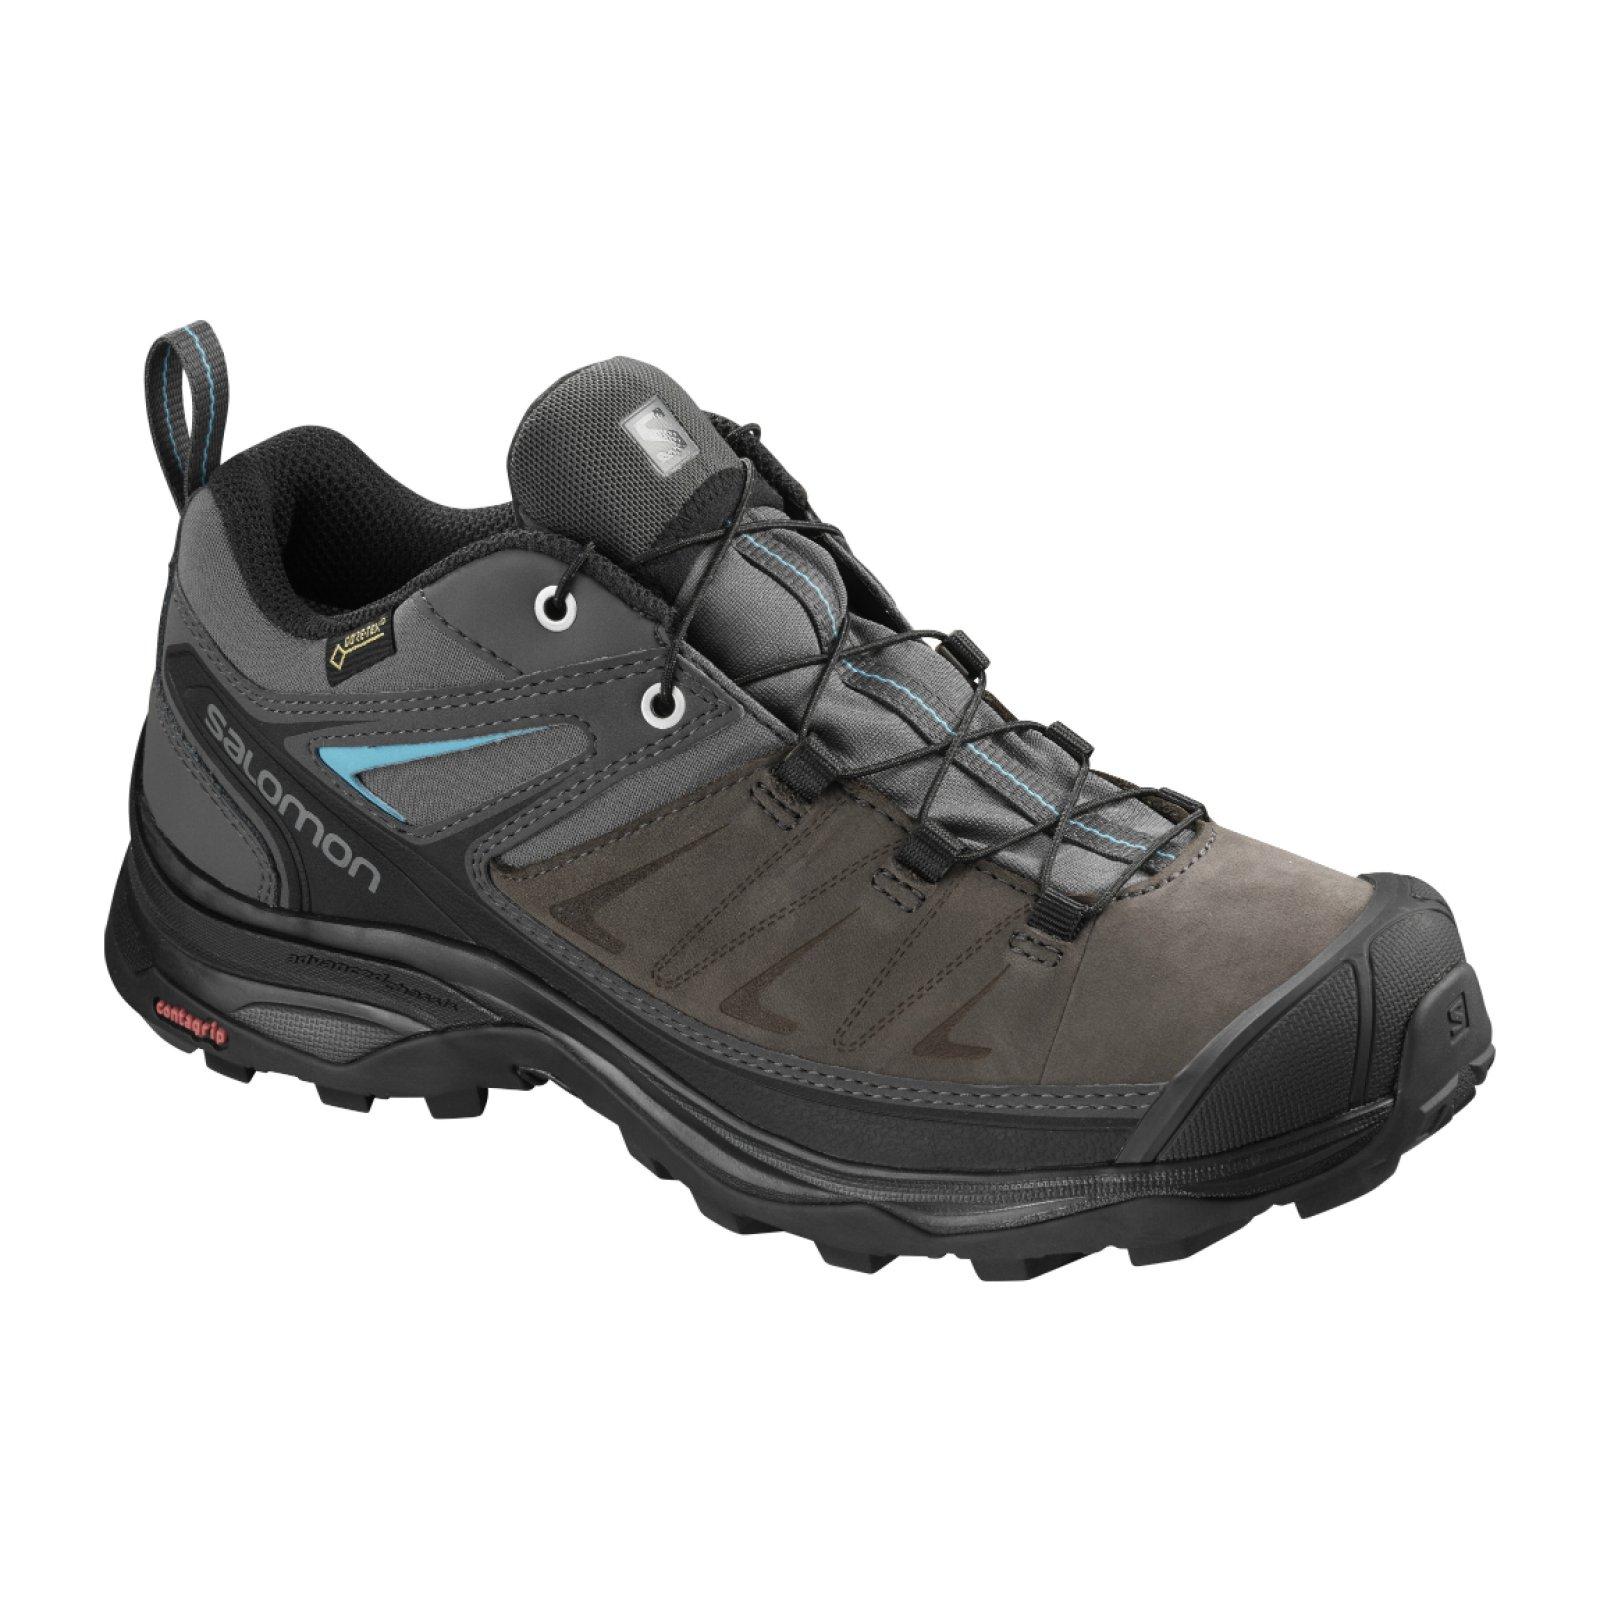 87e08580f6 pánské boty salomon x ultra 3 gtx velikost bot 48